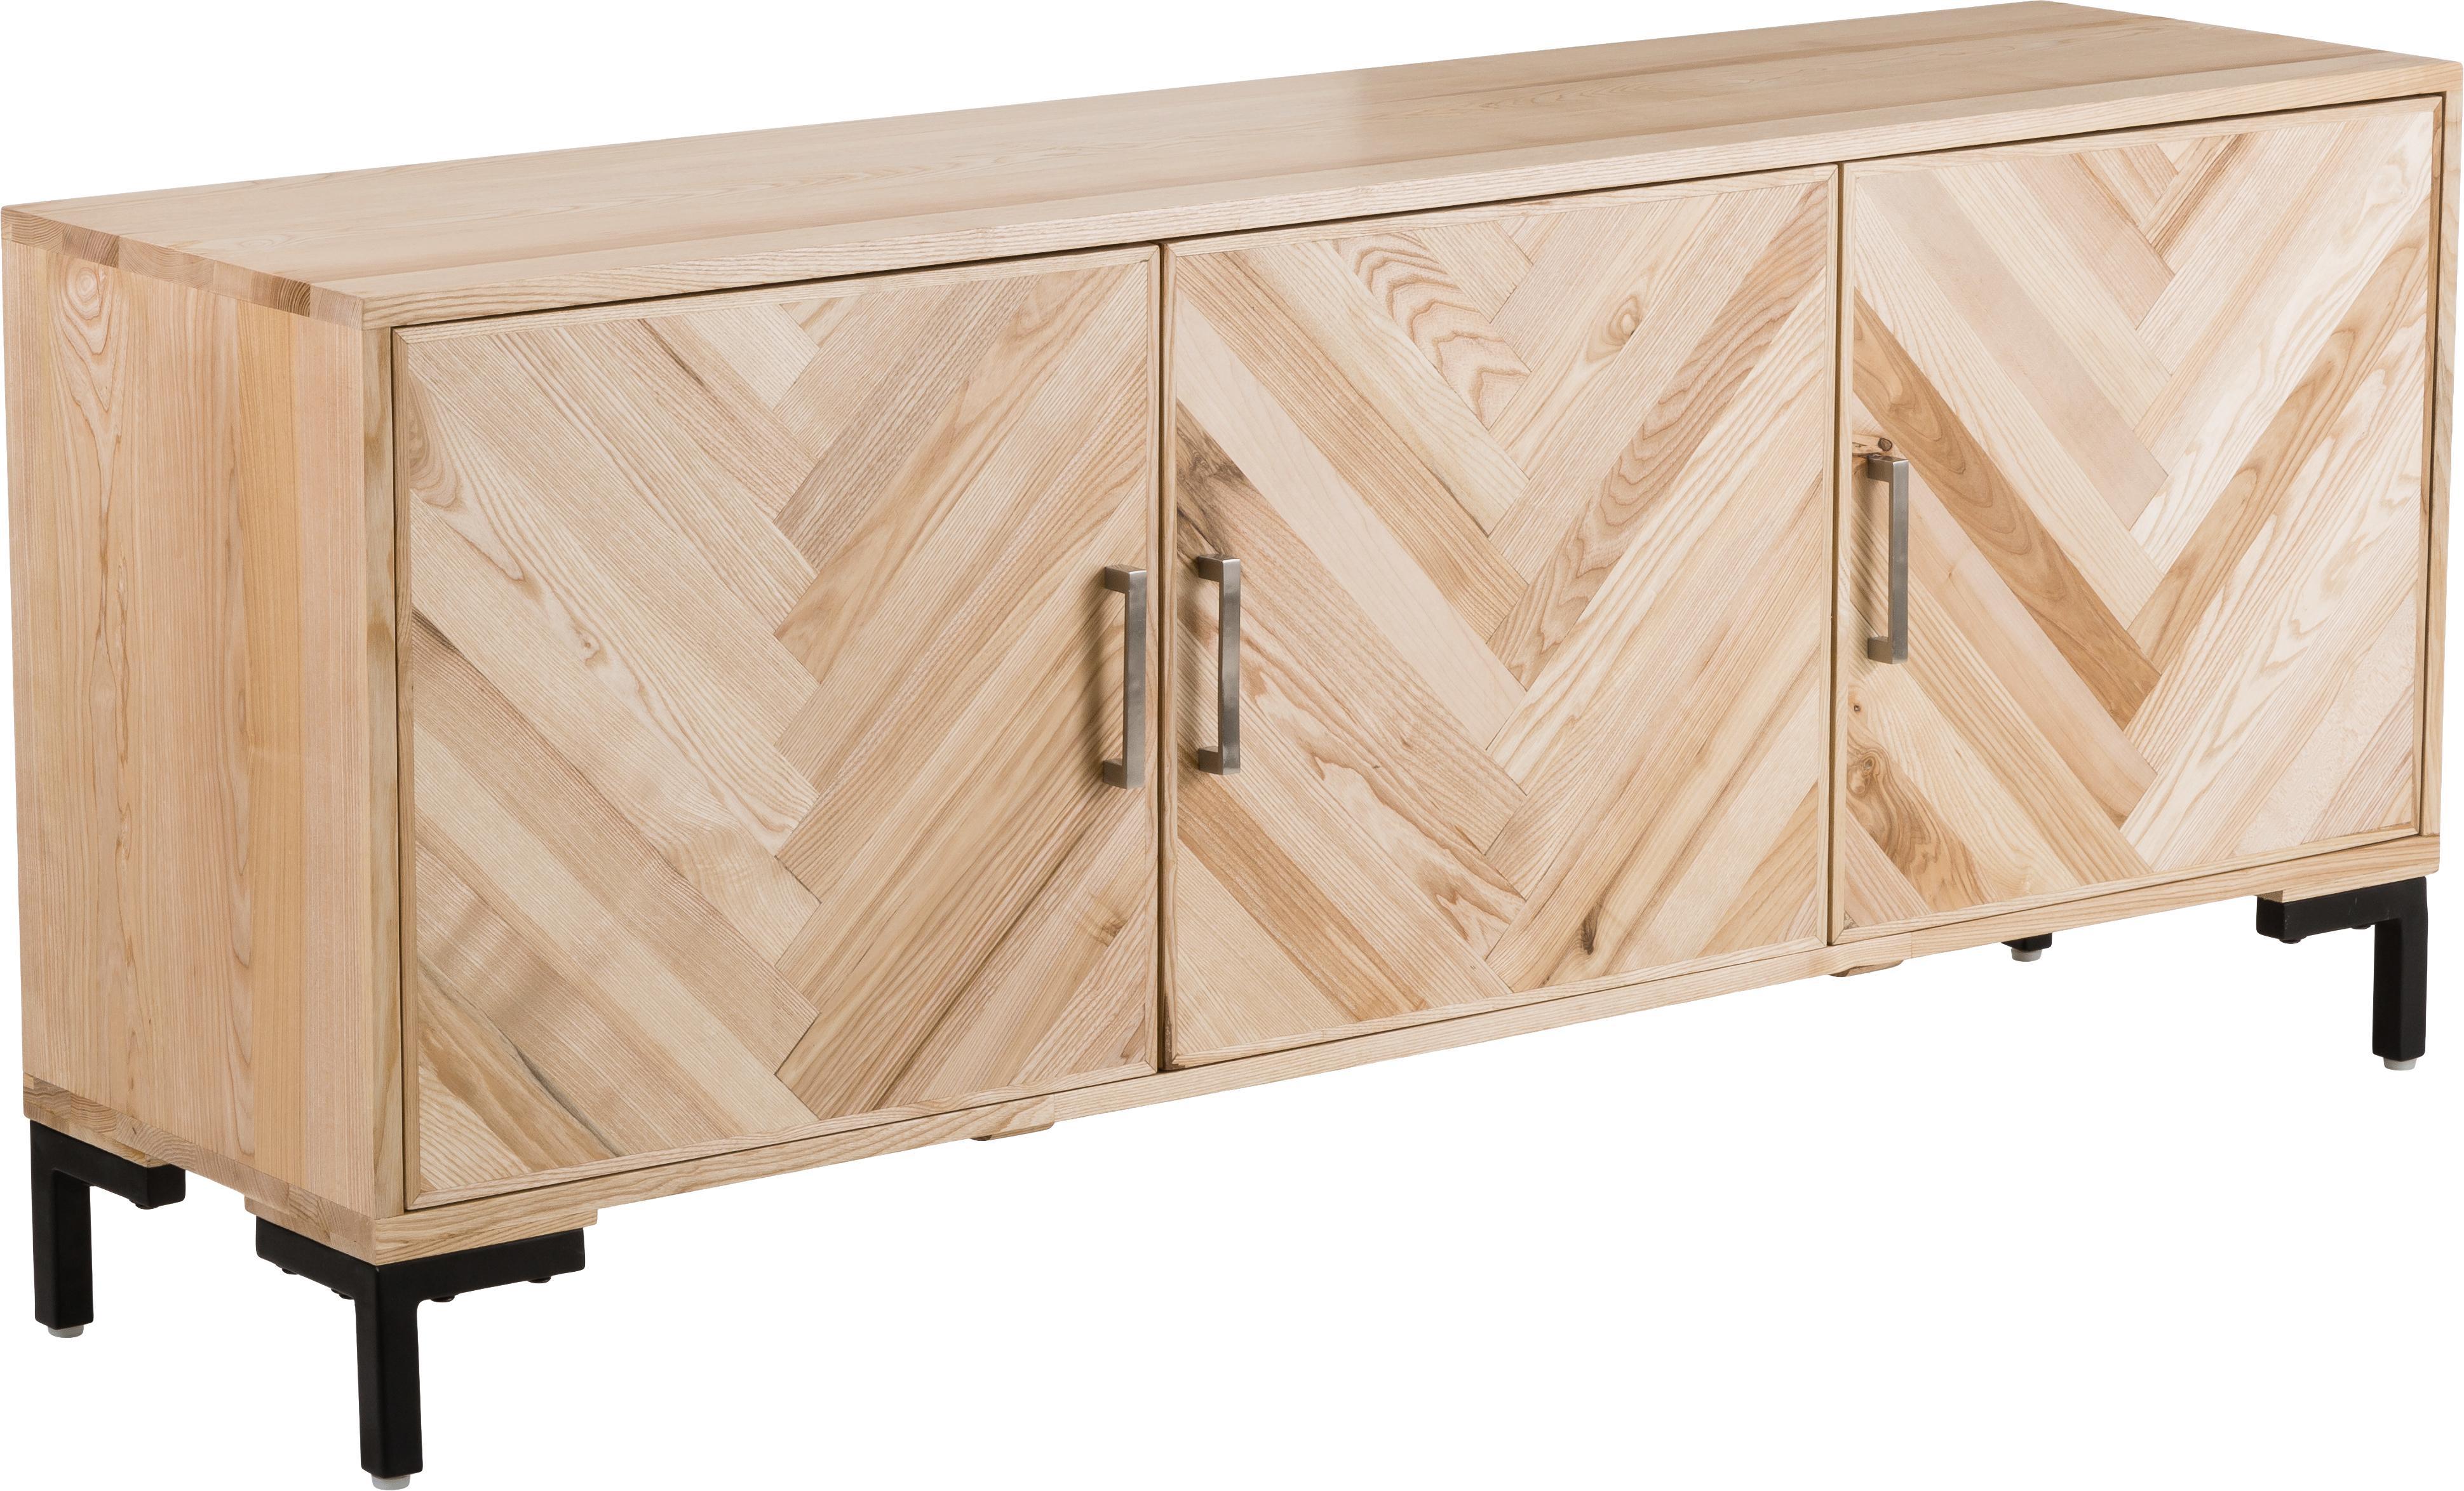 Aparador de madera maciza Leif, Estructura: madera de fresno maciza, , Asas: metal, recubierto, Patas: metal, pintura en polvo, Madera de fresno, An 177 x Al 75 cm